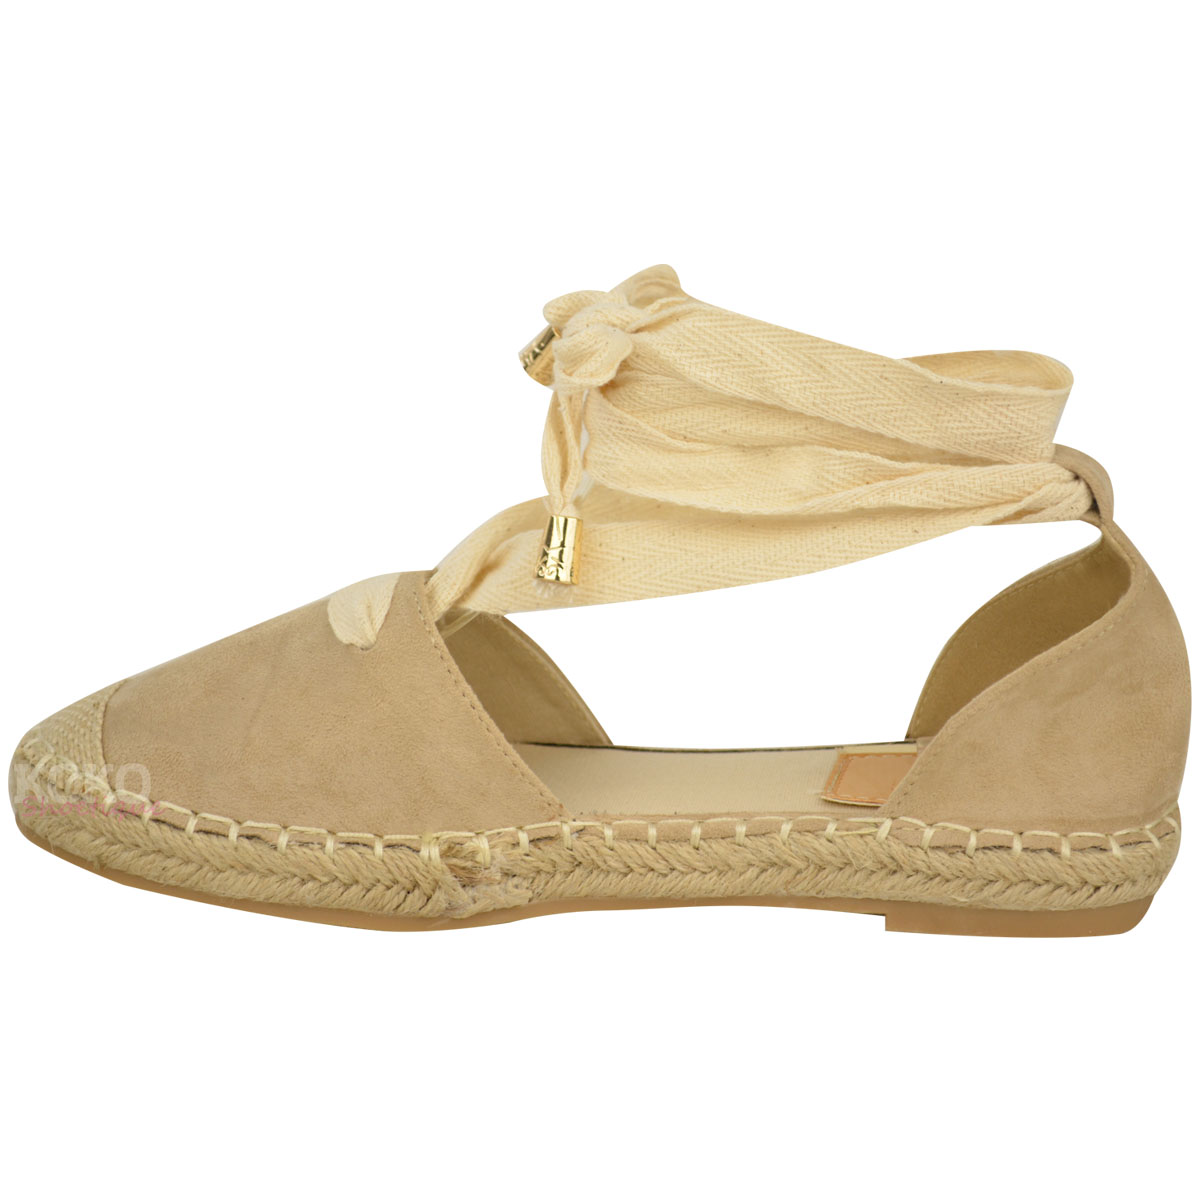 Womens Ladies Lace Tie Up Low Flat Canvas Espadrilles Sandals Pumps Shoes Size